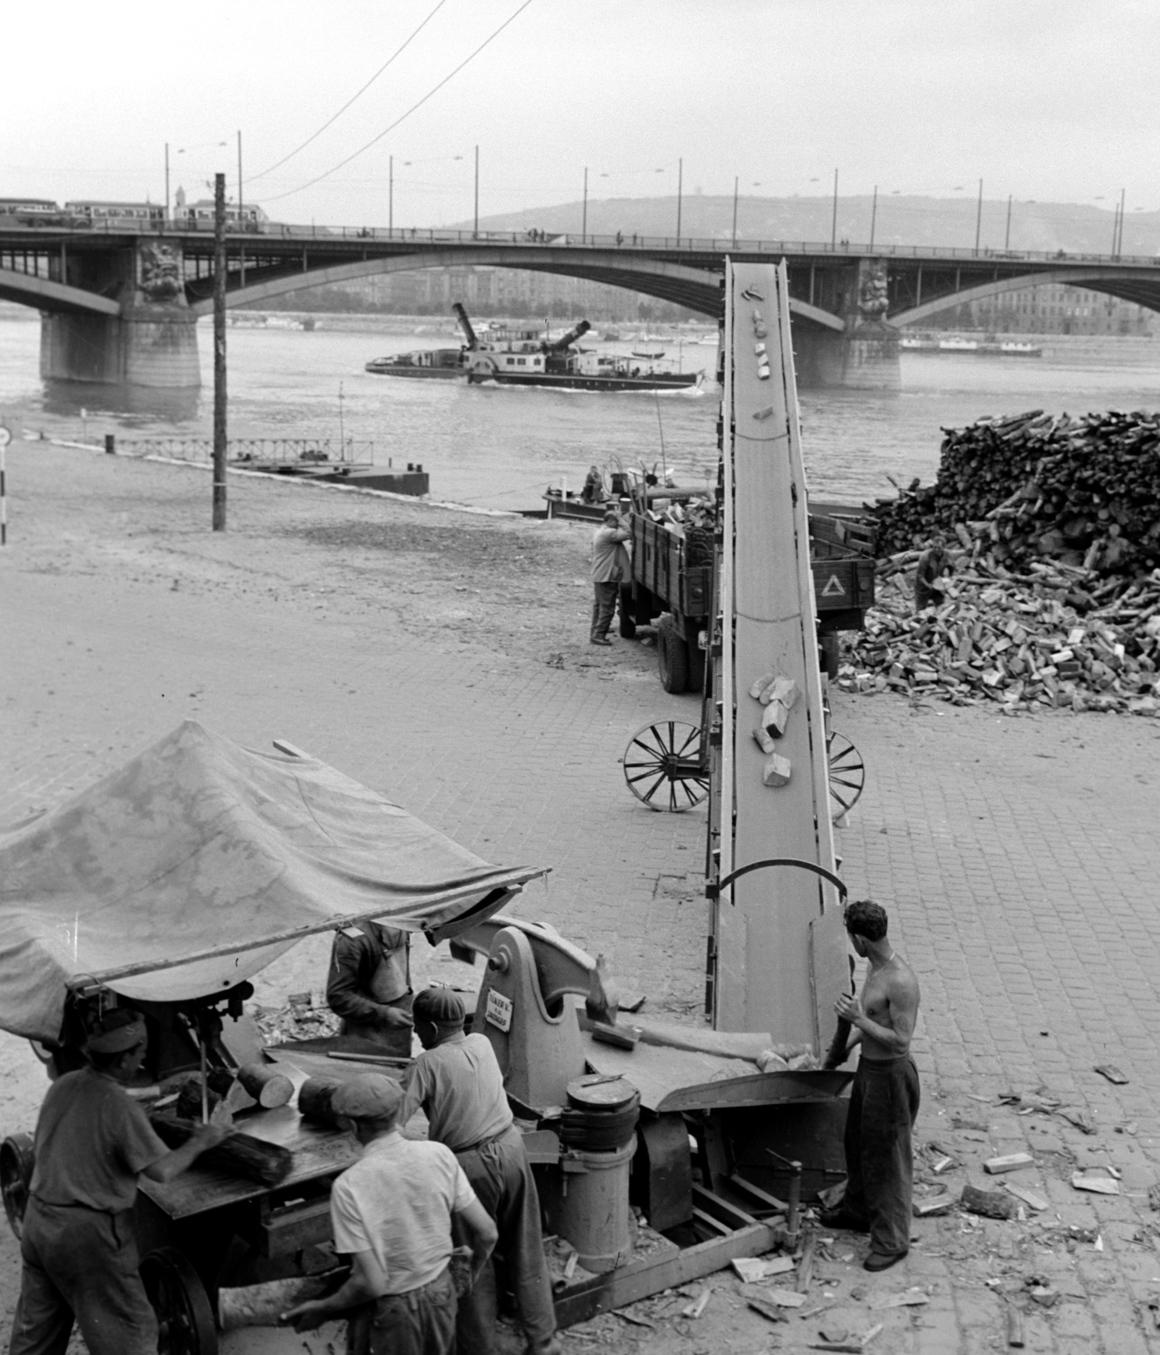 Budapest, 1960. július 1. Szállítószalag juttatja a teherautóra a helyszínen darabolt és aprított tűzifát a Margit híd pesti hídfőjénél levő telepen, a háttérben egy gőzhajó megdöntött kéményekkel halad át a híd alatt. MTI Fotó: Fényes Tamás